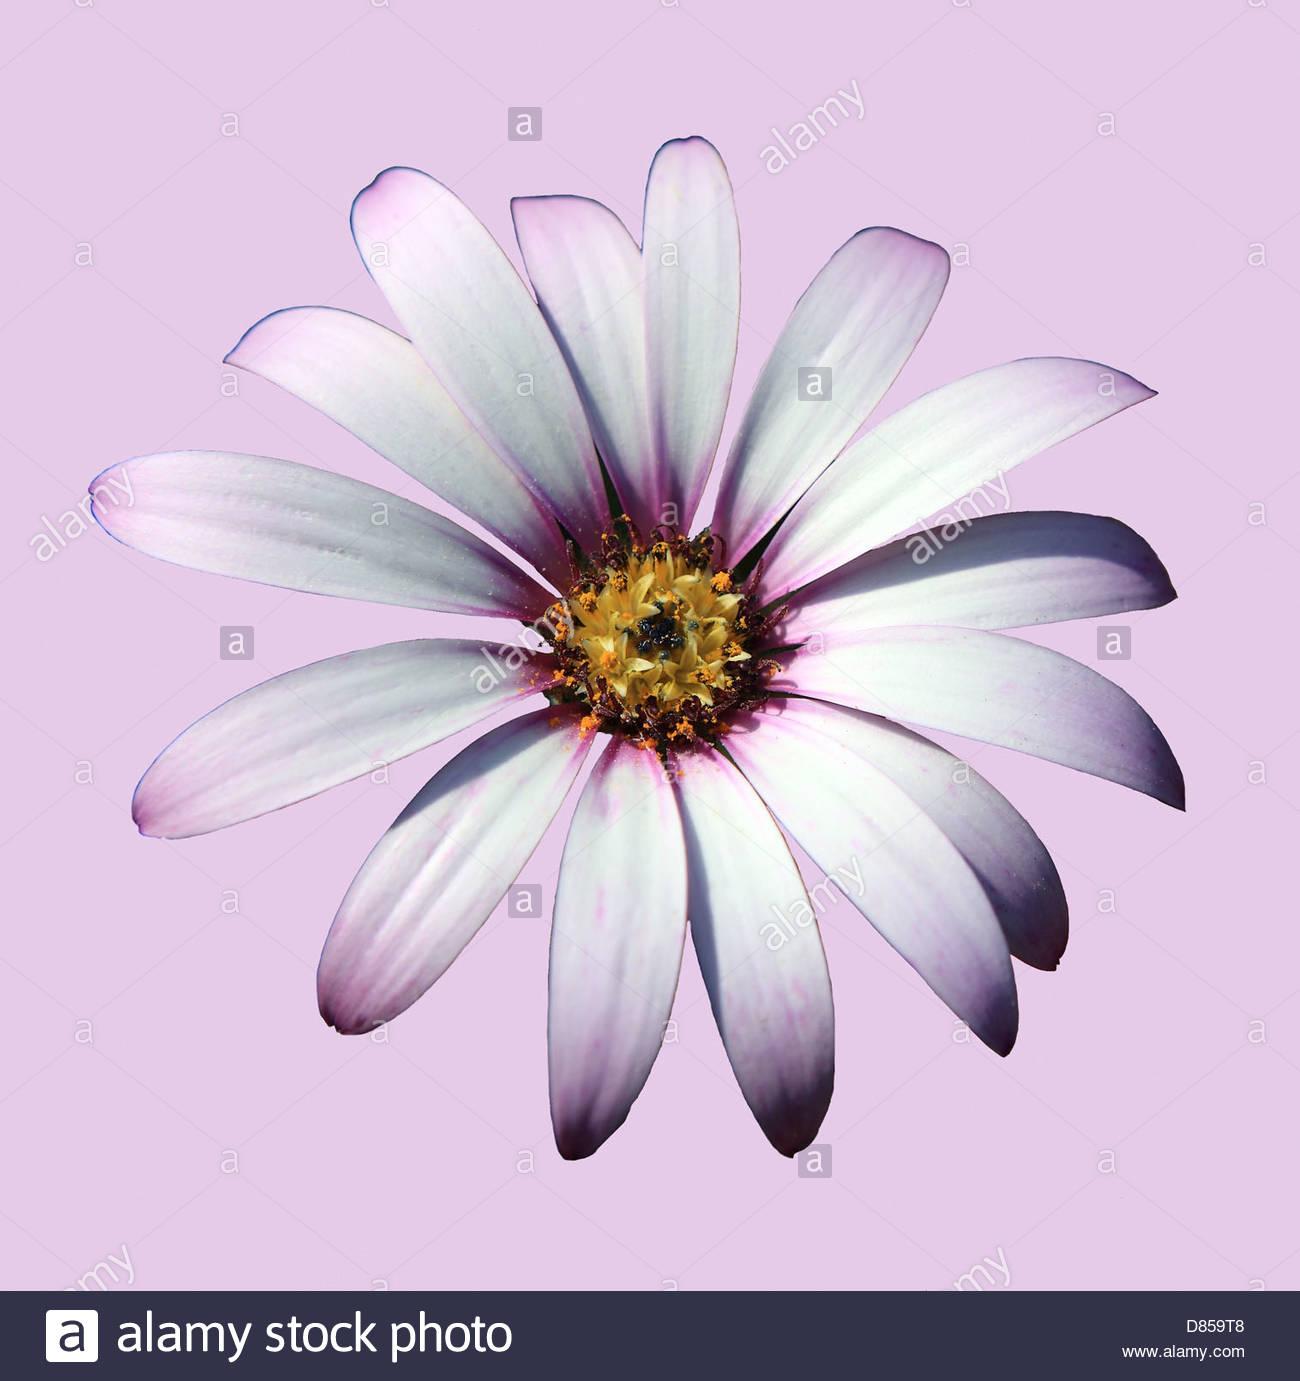 Fleur Osteospermum Découper Sur Fond Lilas Banque D'images intérieur Fleurs À Découper